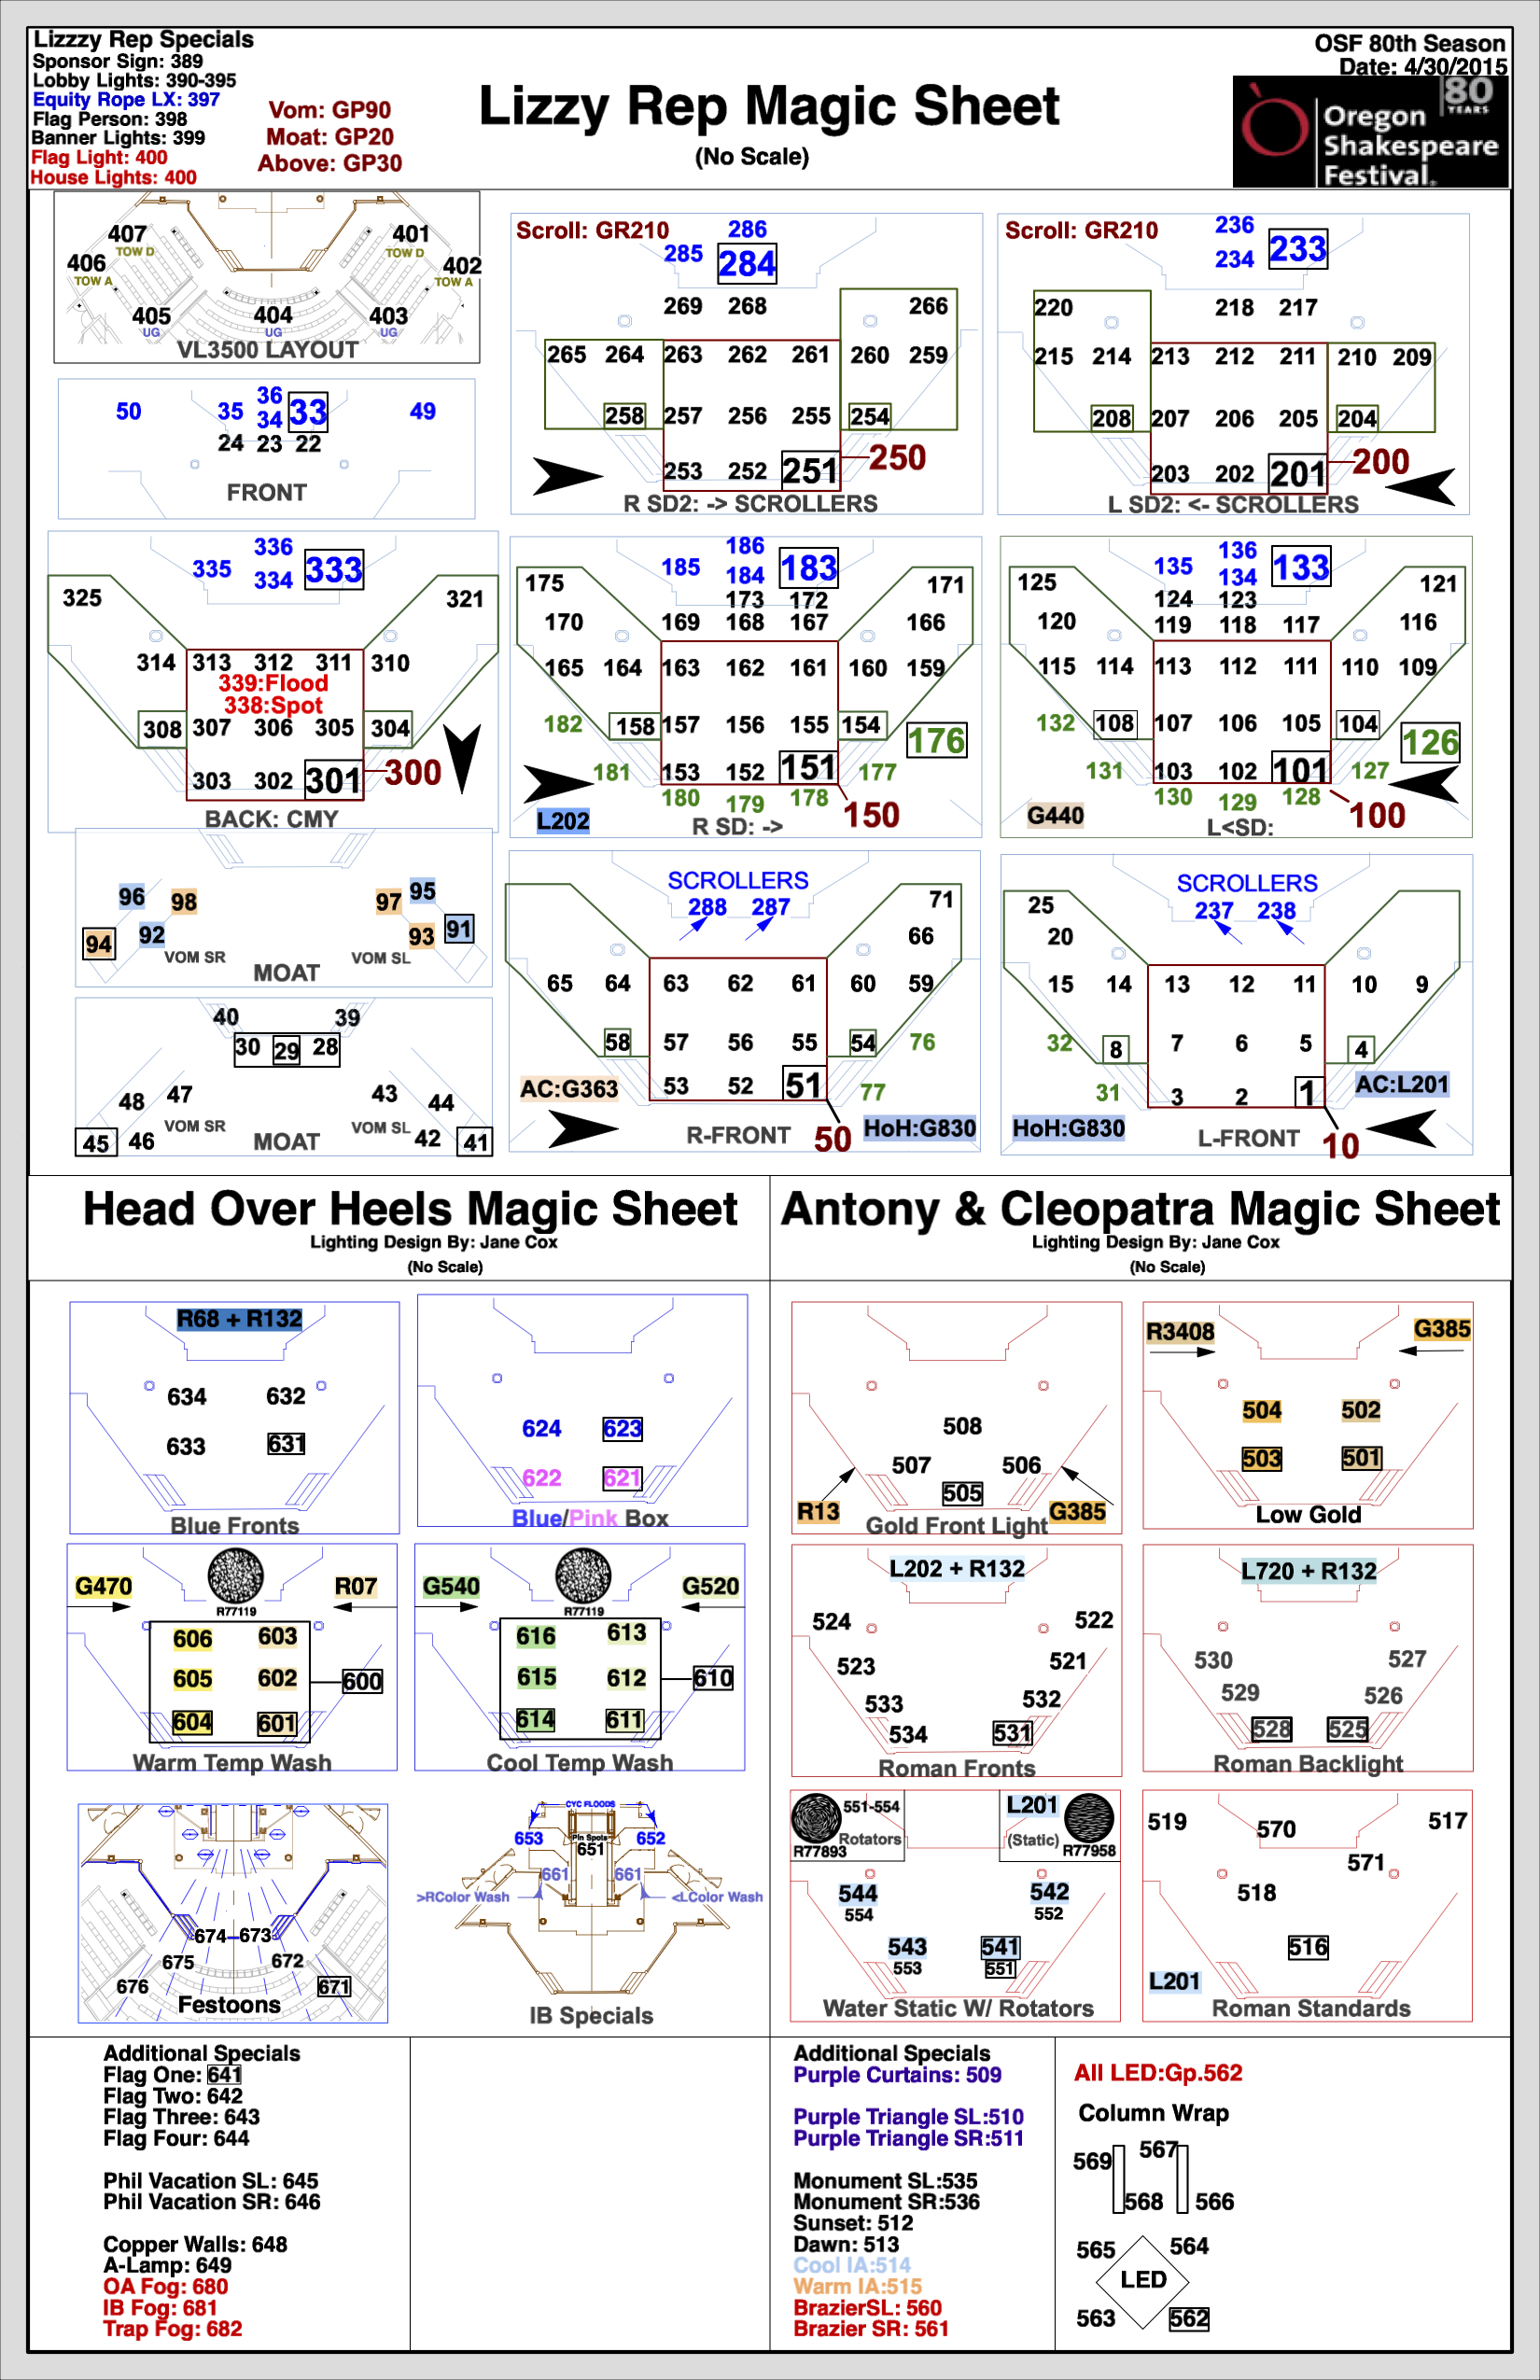 Magic Sheet - Head Over Heels + Antony & Cleopatra - OSF 2015 - LD: Jane Cox